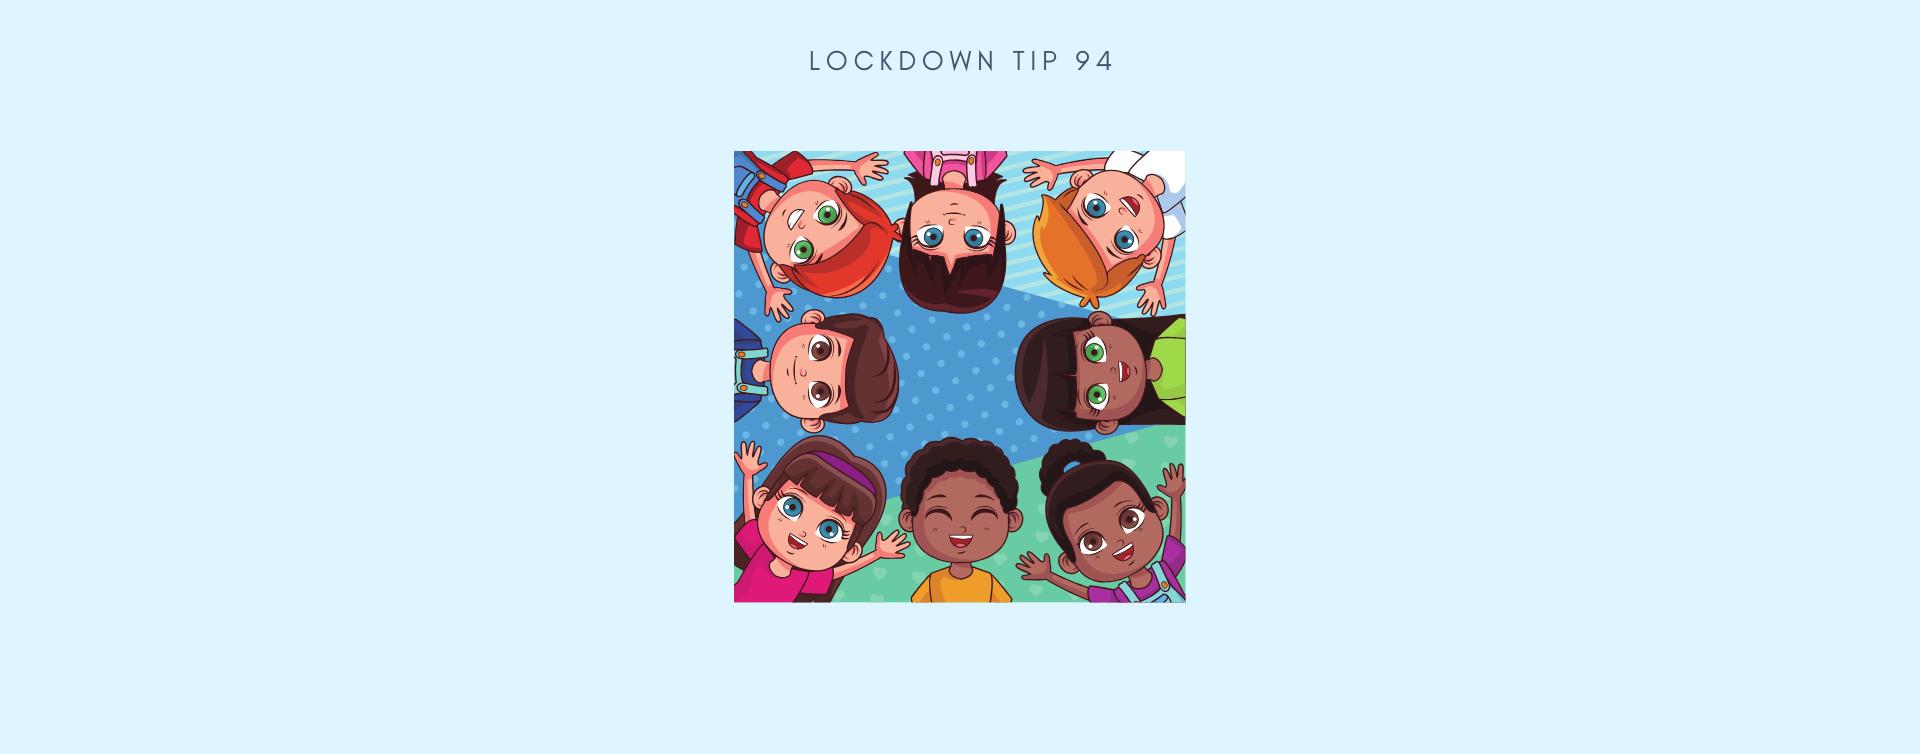 MCSA Lockdown Tip 94